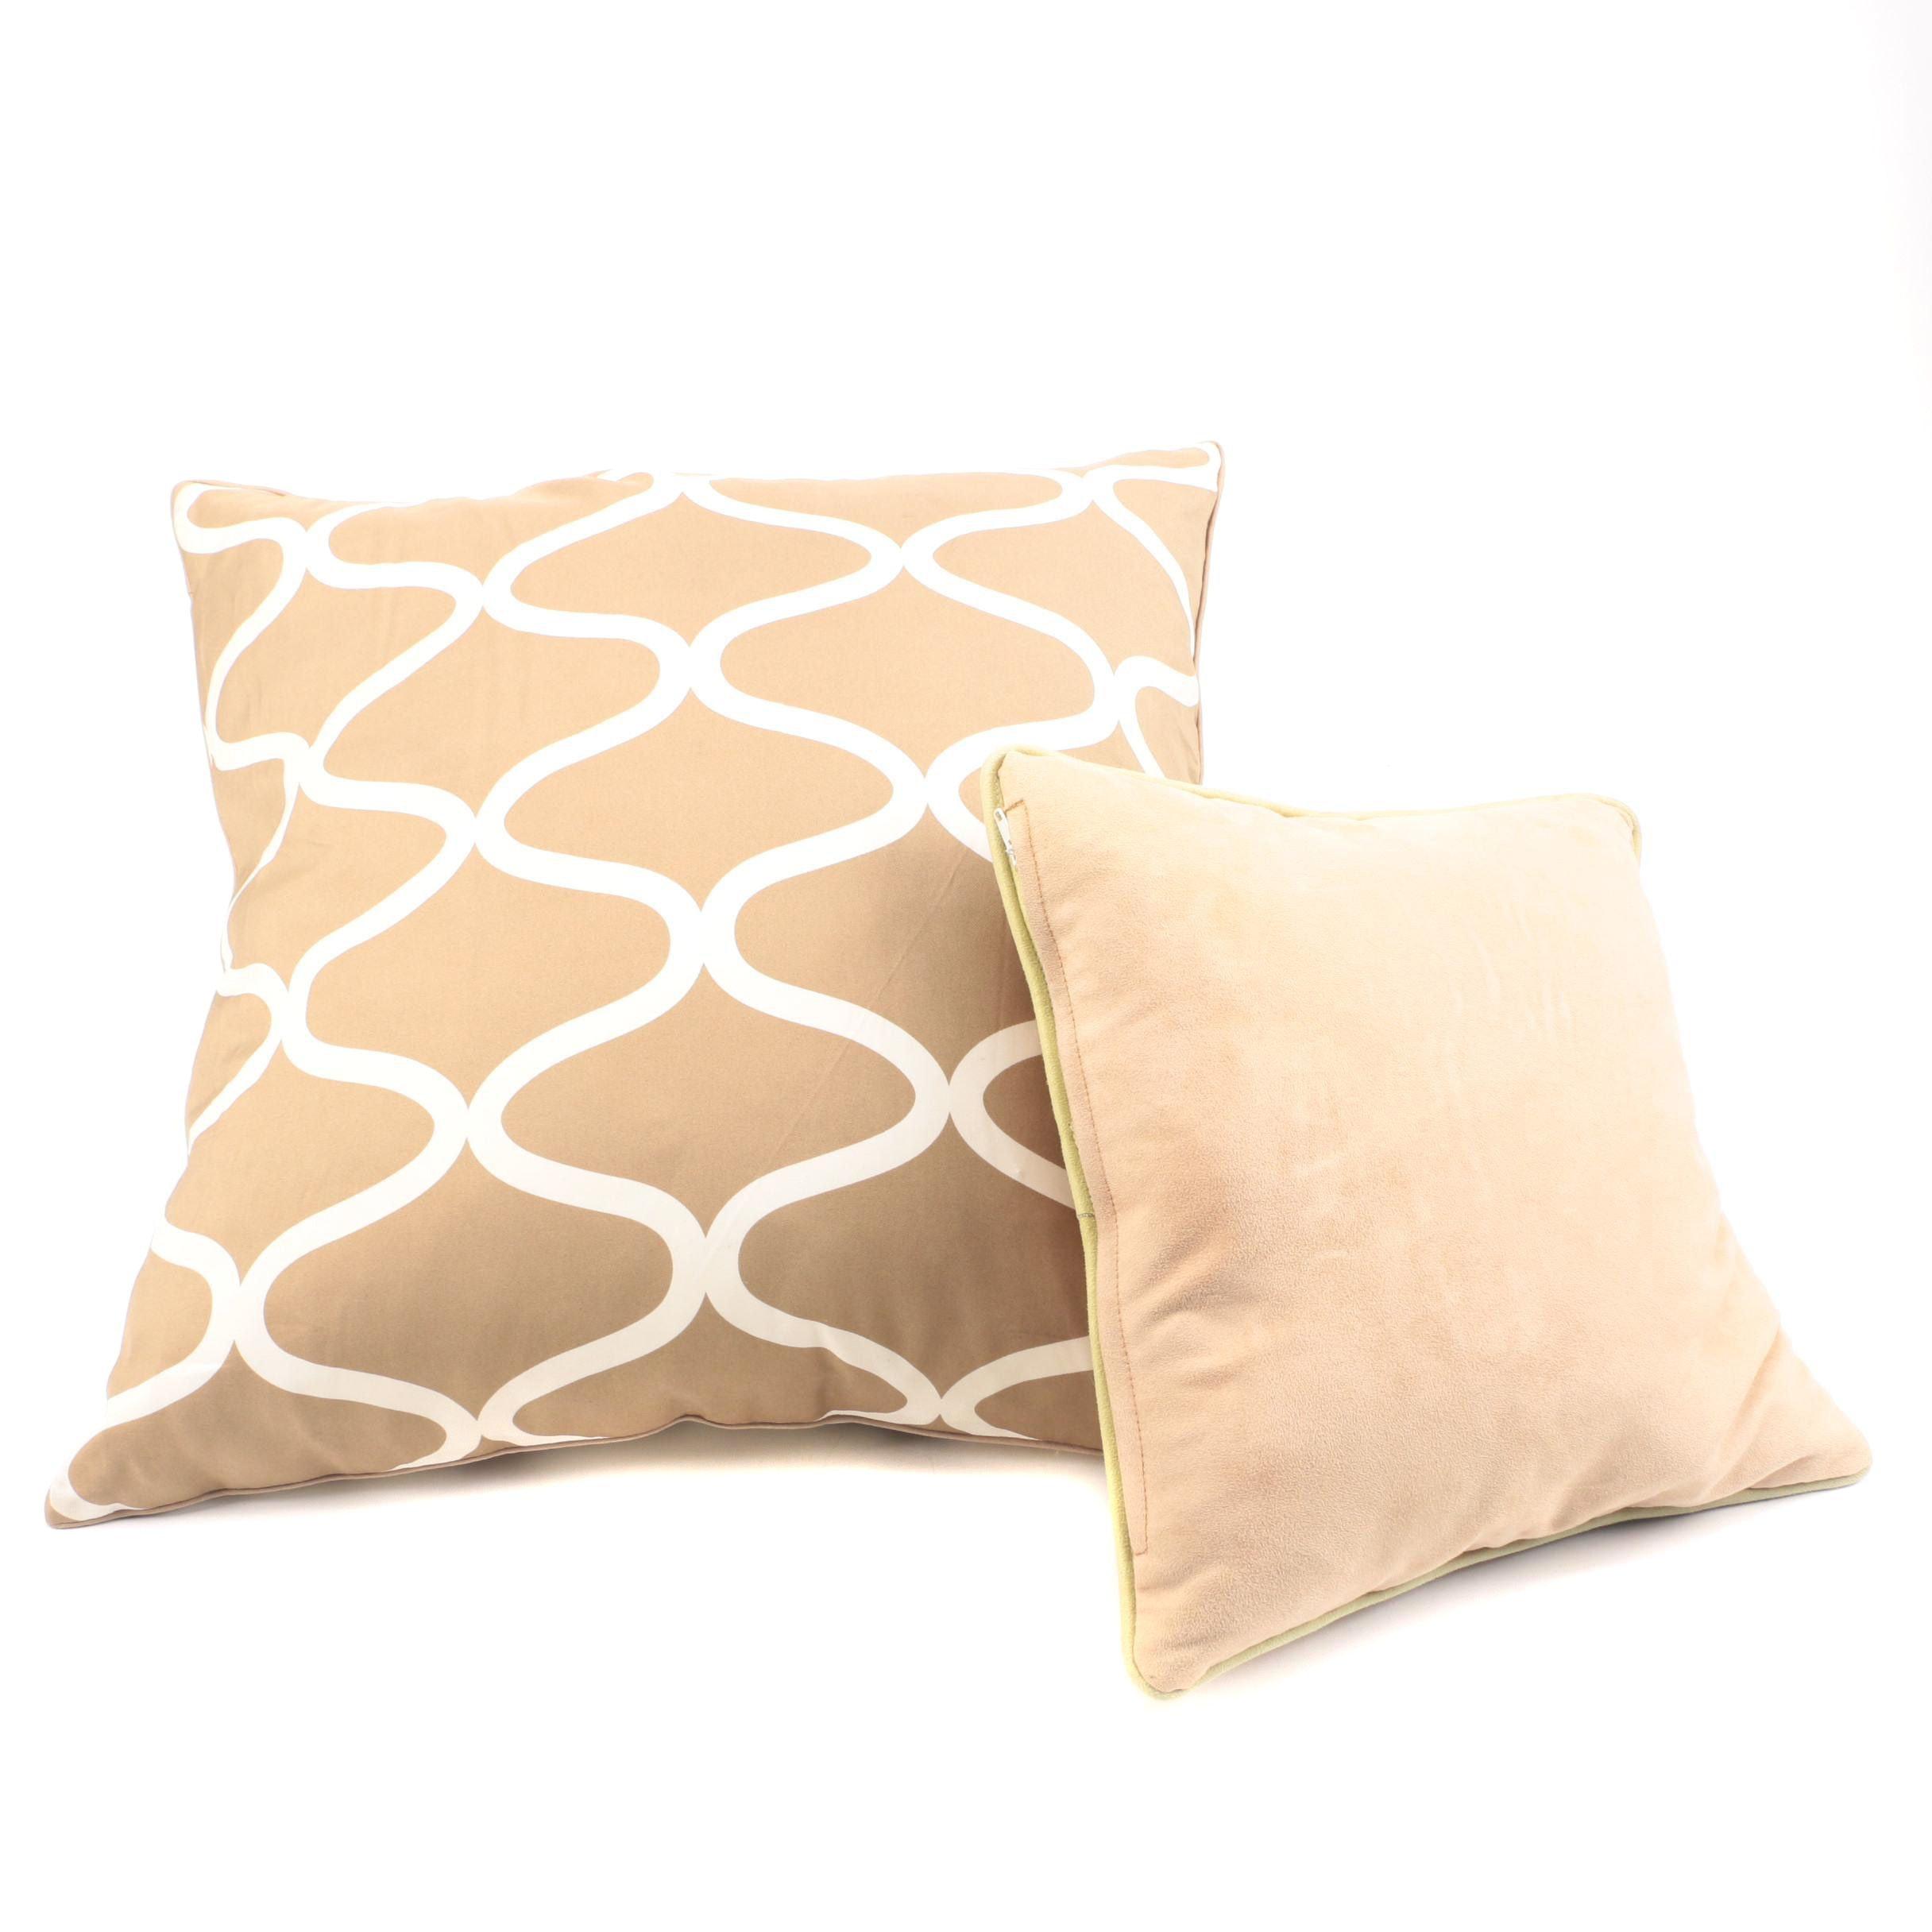 Pair of Throw Pillows